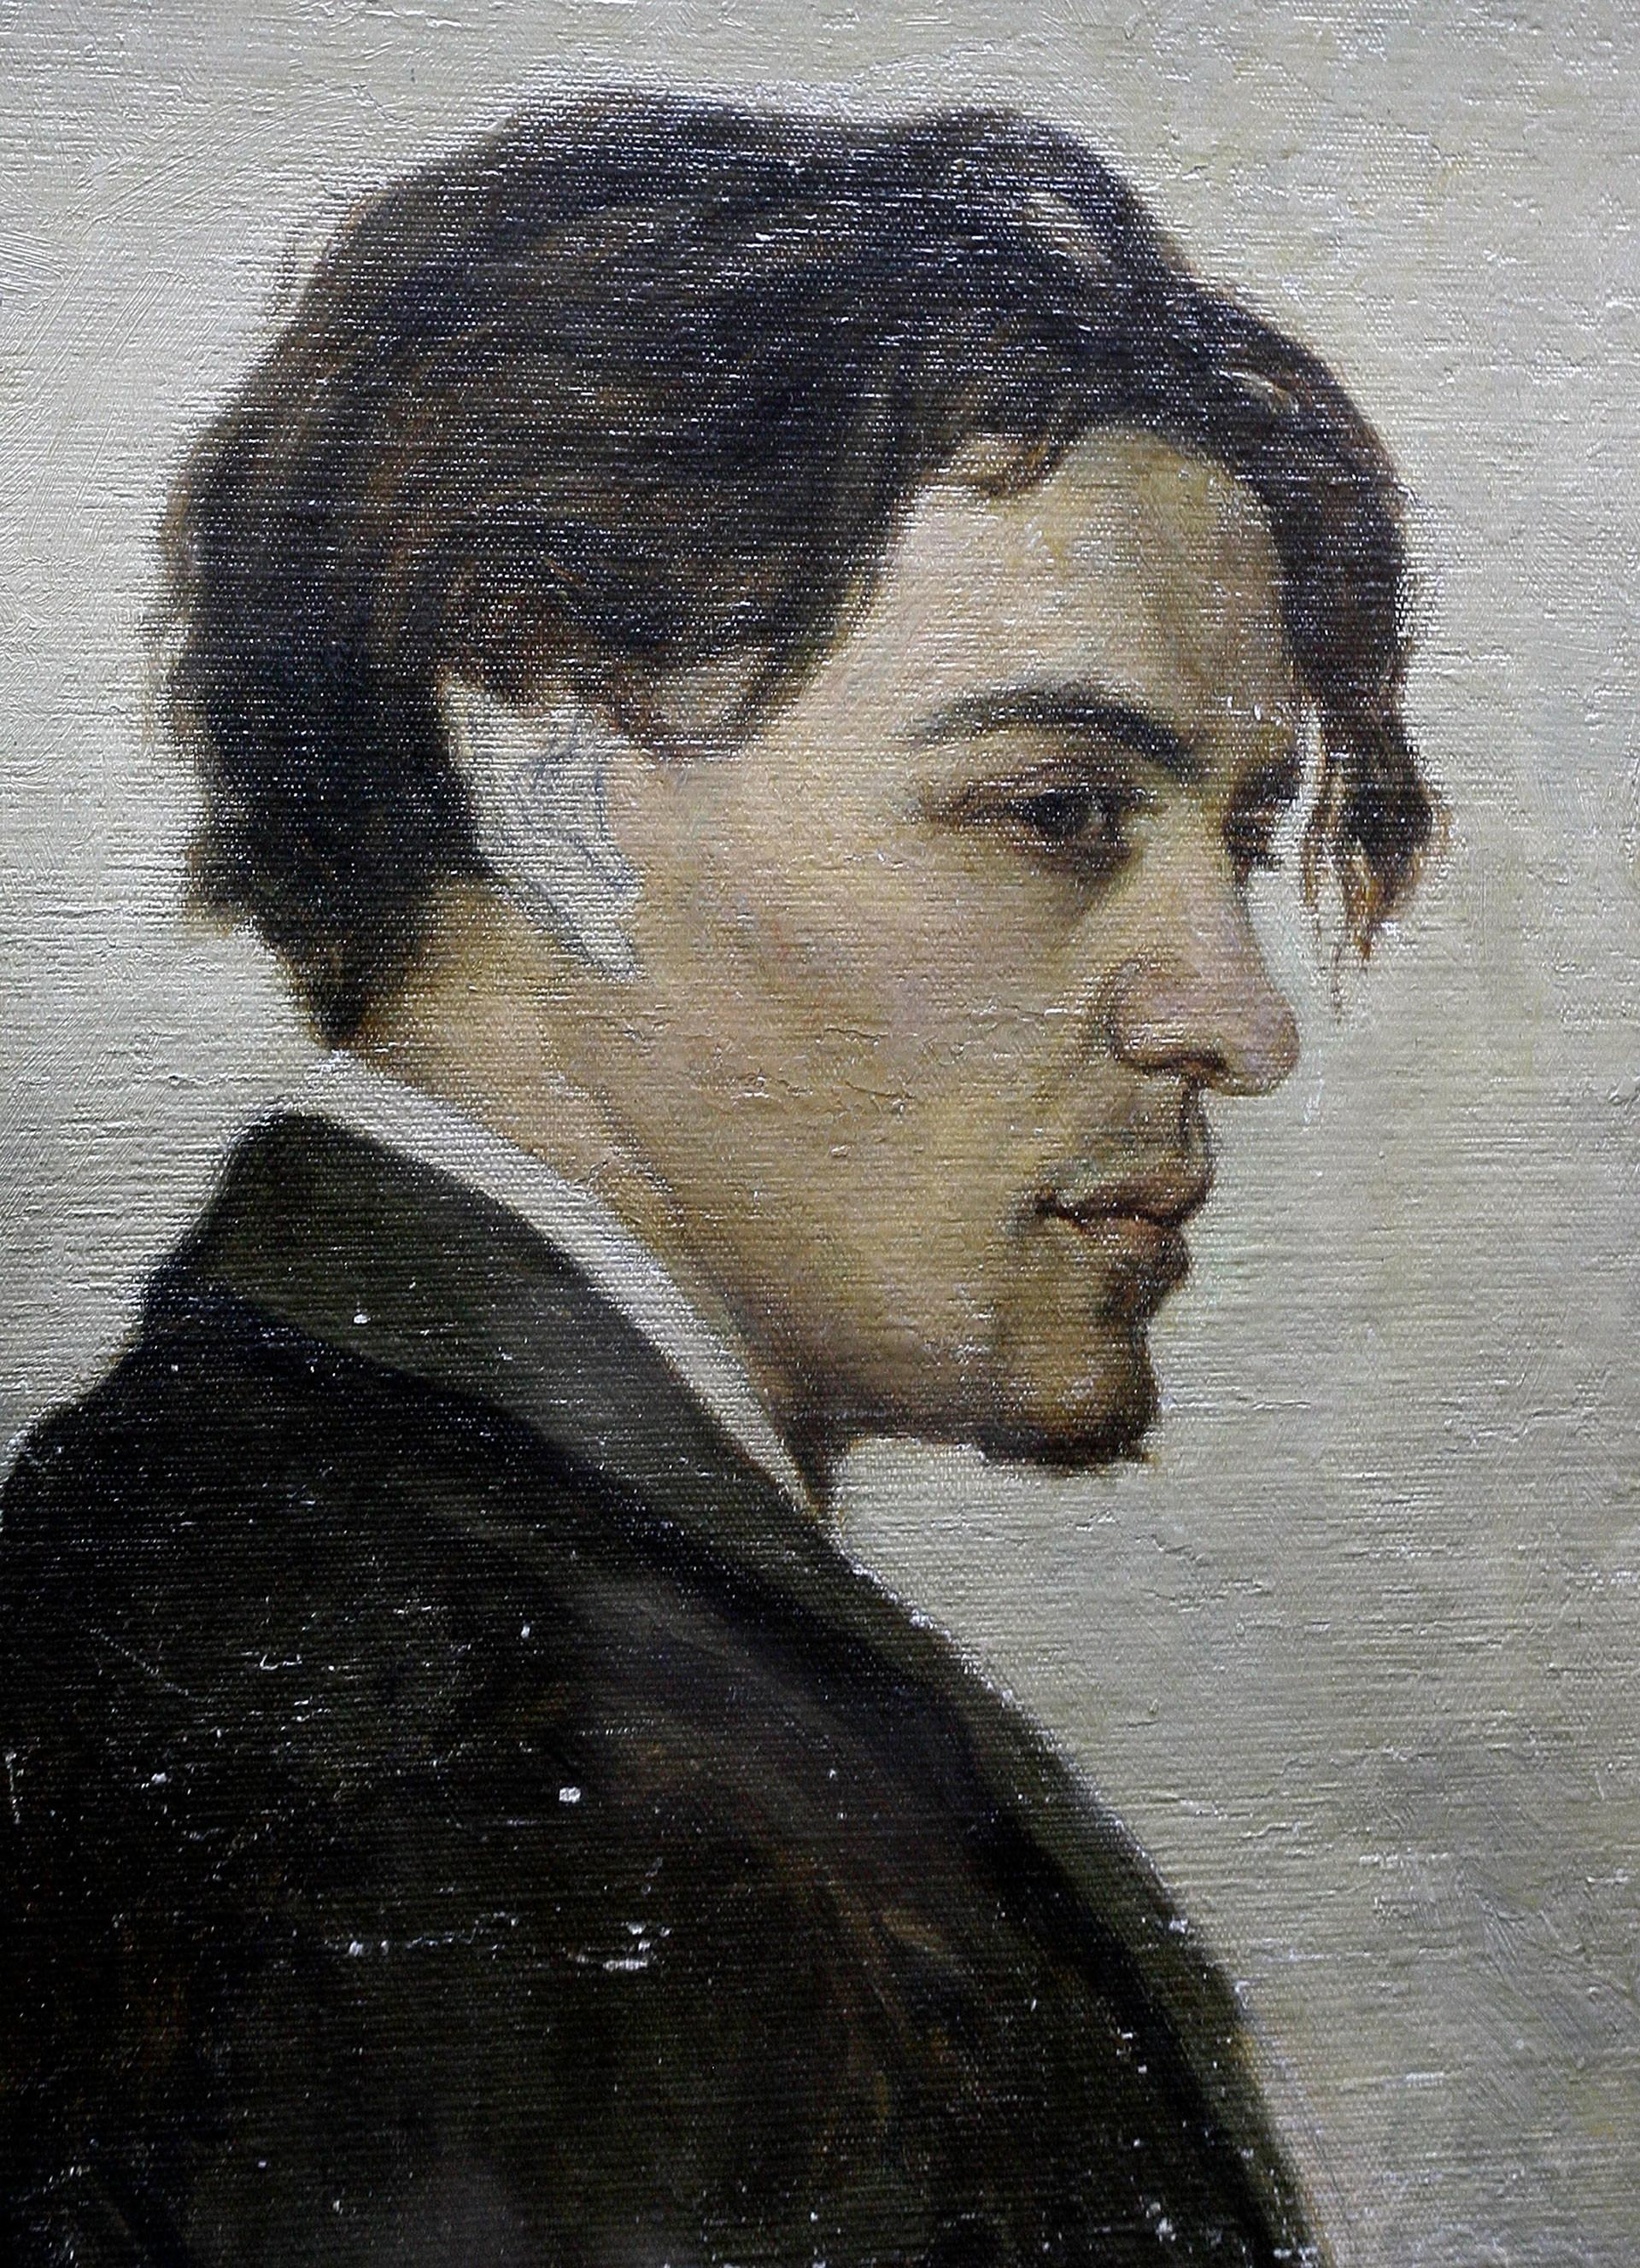 Diese Porträt von Tschechows Künstlerbruder Nikolaj hängt heute im Tschechow-Literatur-Museum in Tschechows altem Gymnasium.